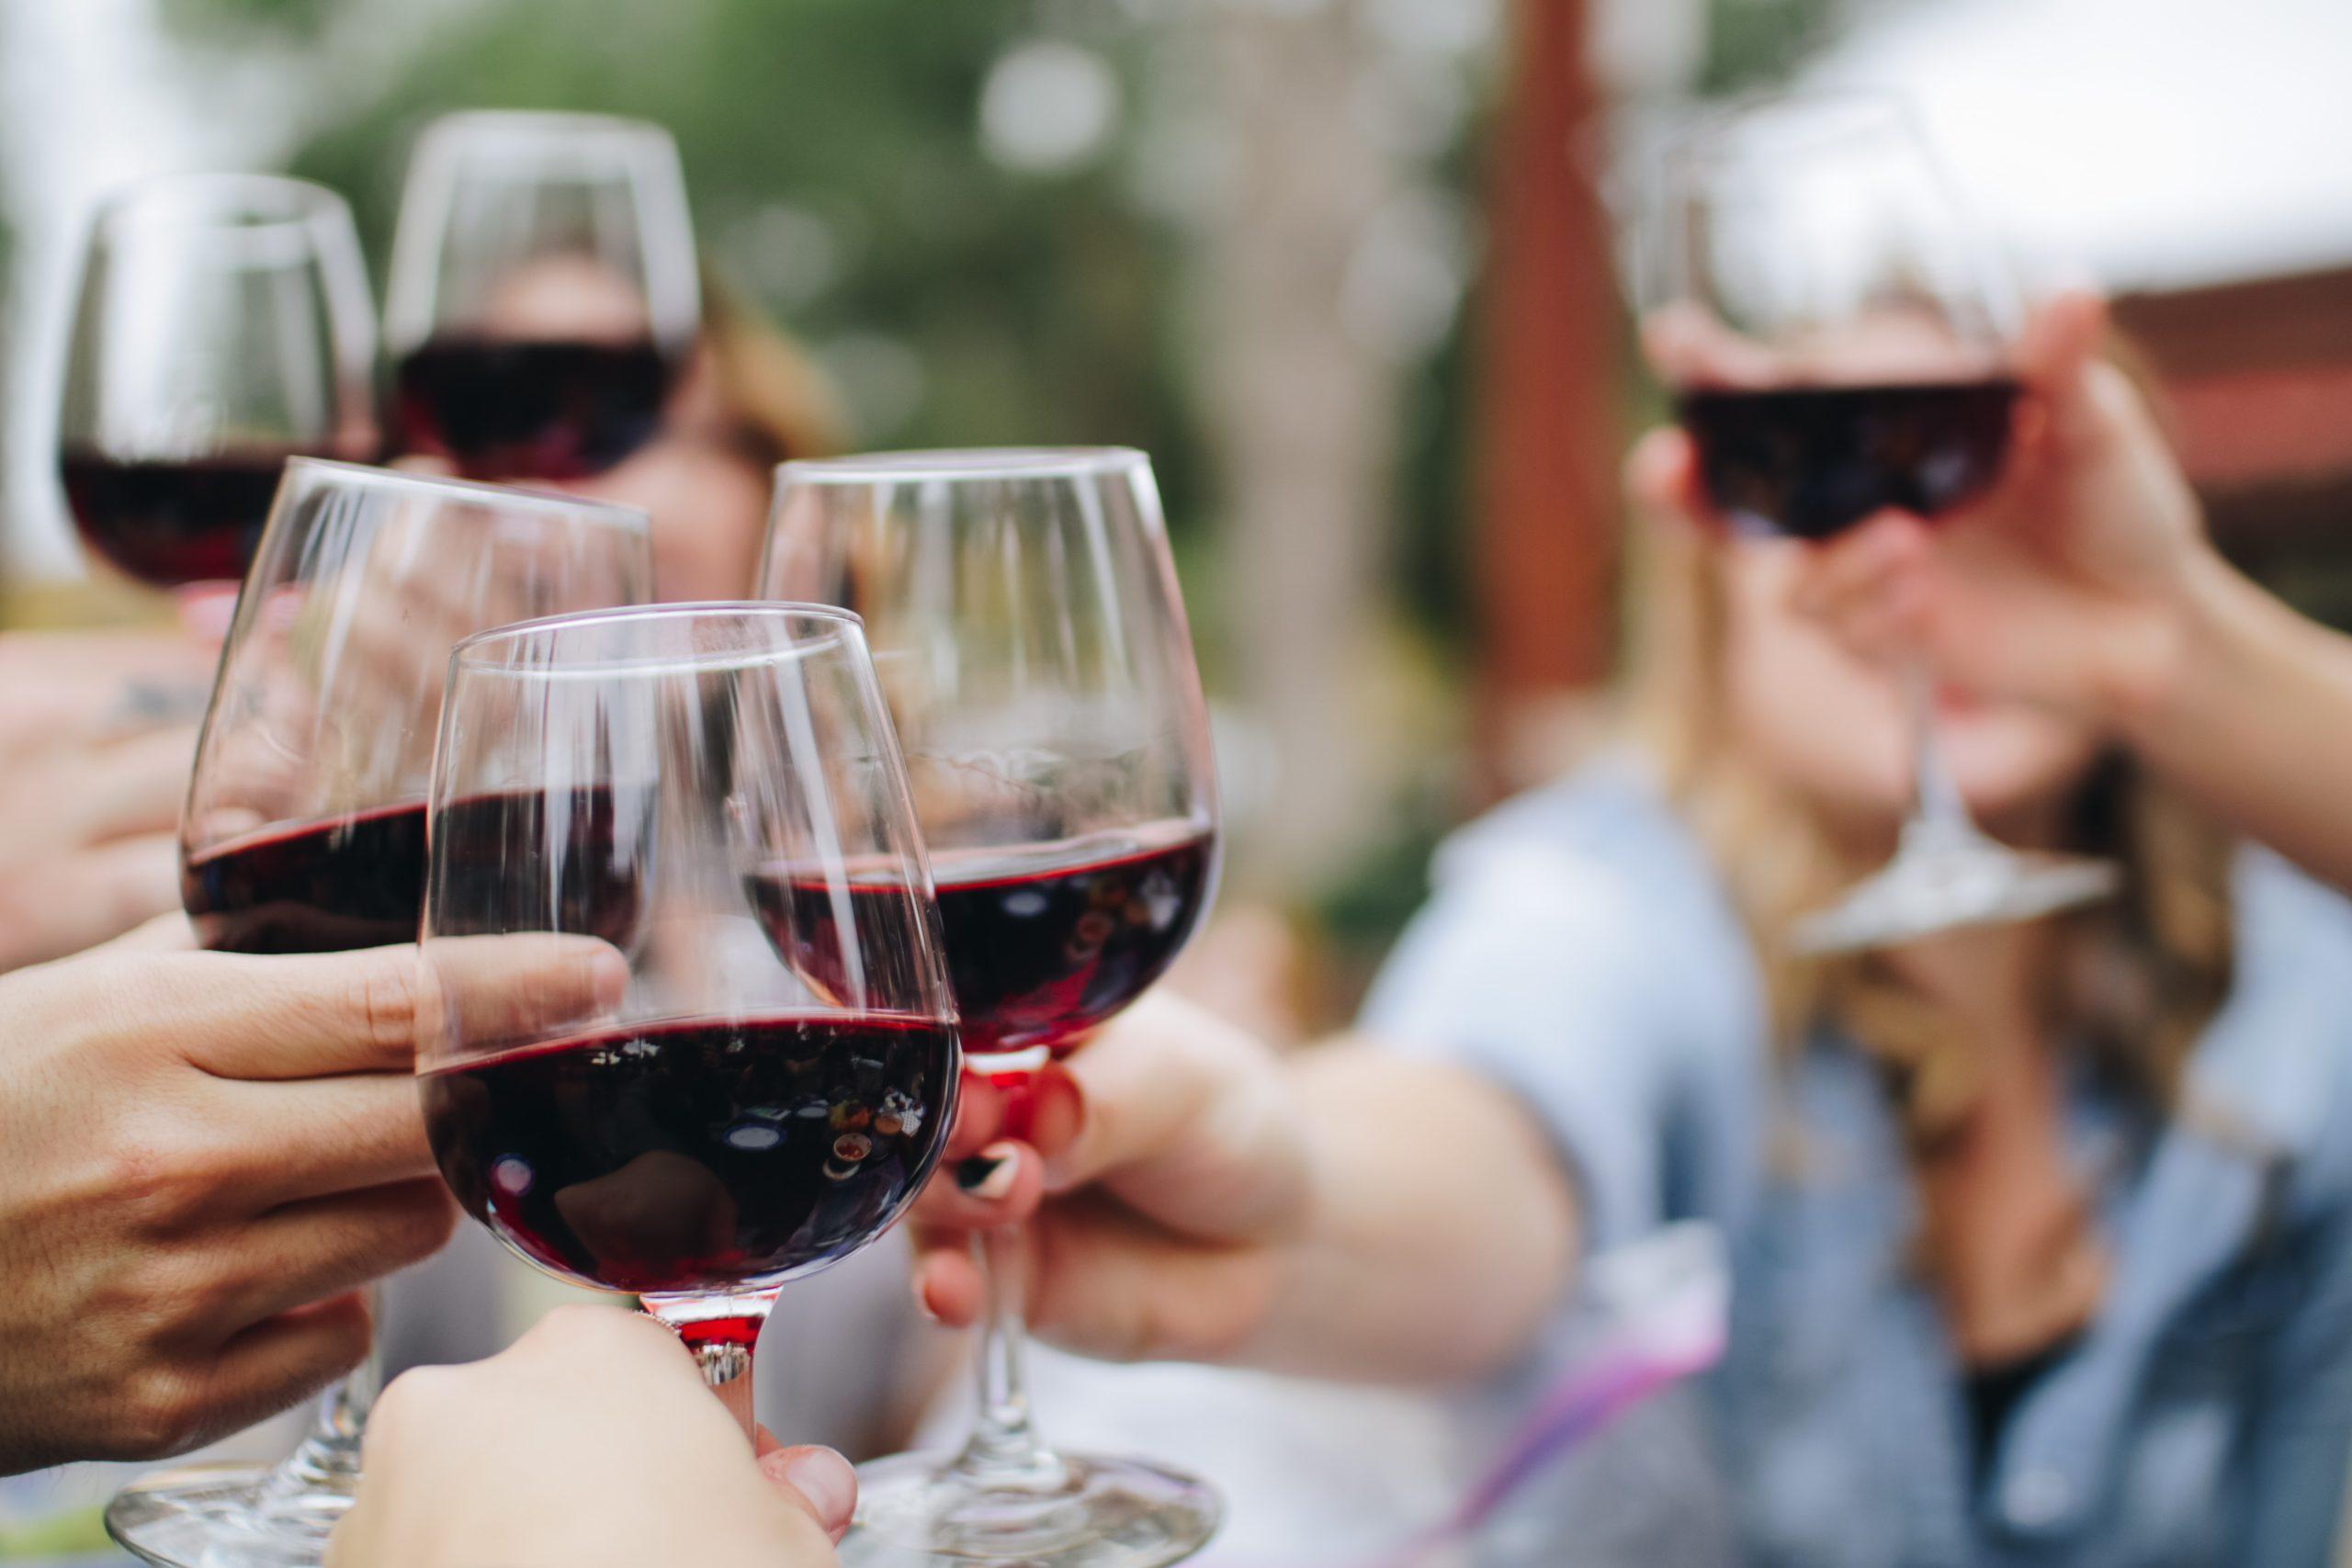 groupe partageant un moment convivial autour d'un verre de vin